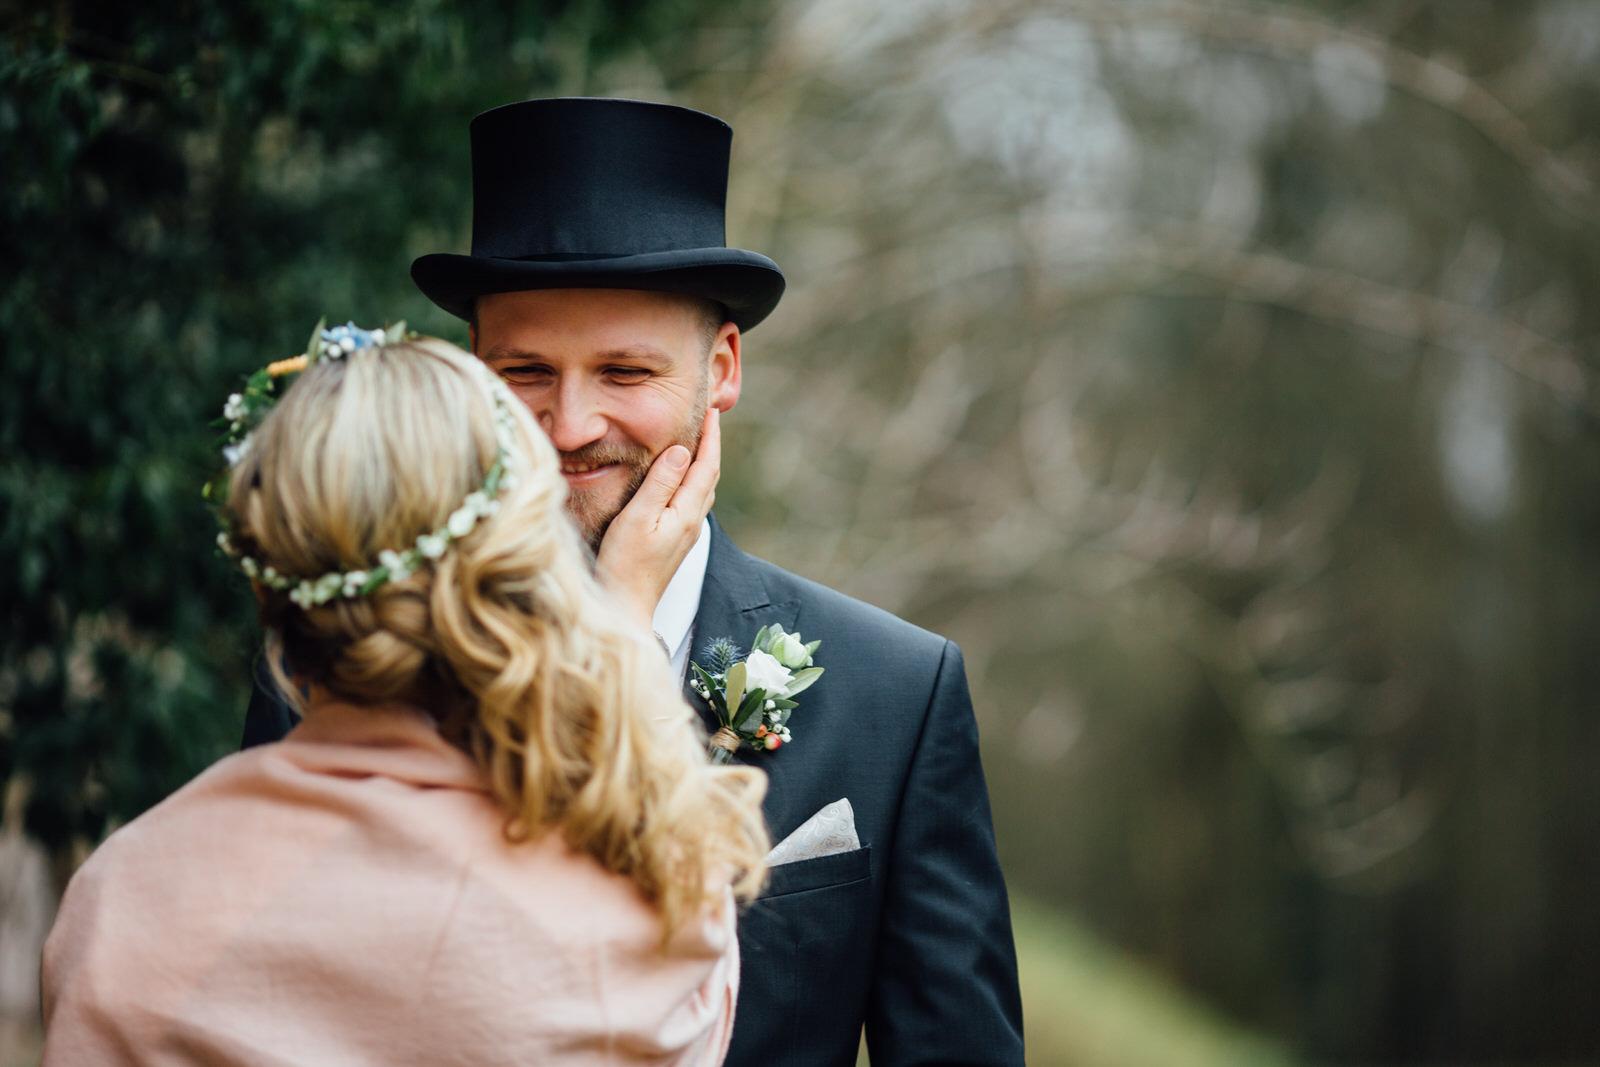 Hochzeitsfotograf_Rödental_Alte_Mühle_Alte_Orangerie_Schloss_Rosenau_100227215.JPG